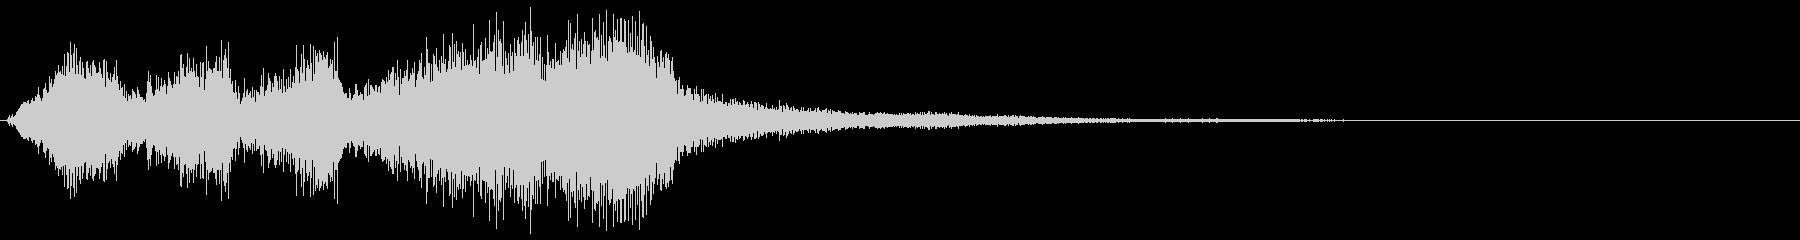 ブラス系のゲームオーバー ミス 転回音の未再生の波形